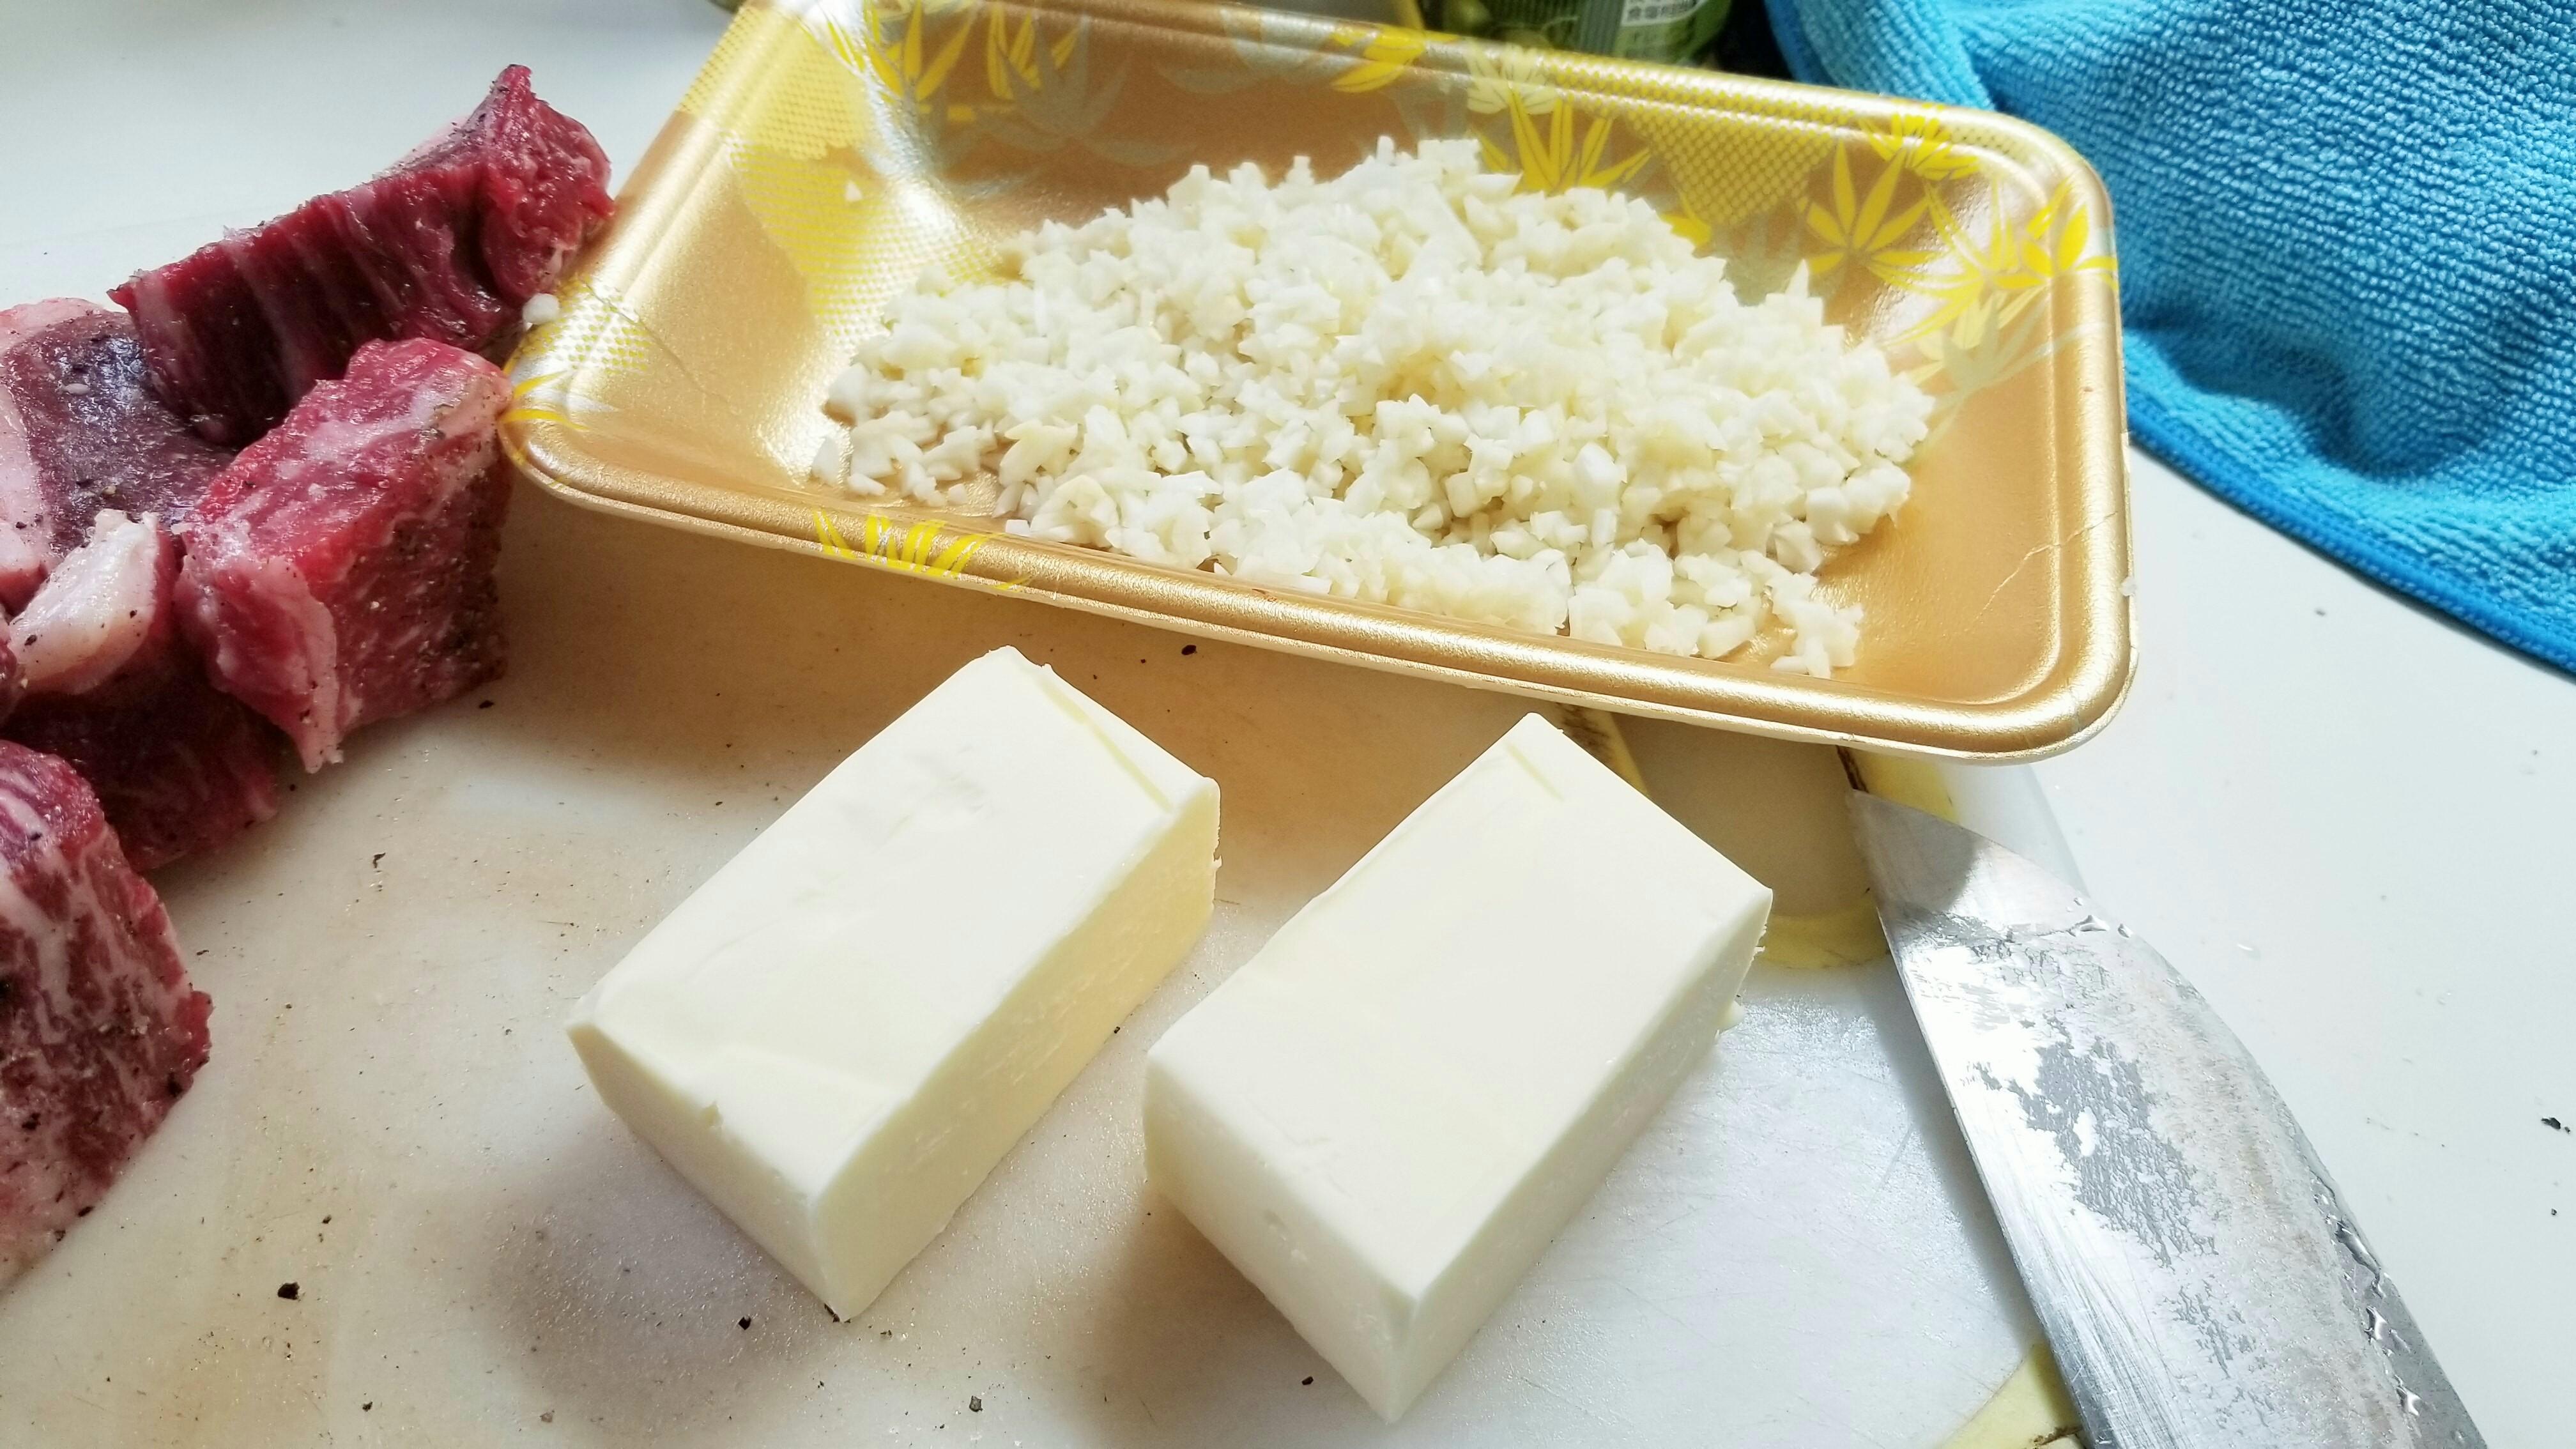 ビーフシチュー作り方バターにんにくたまねぎ赤ワイン炒める下味付け